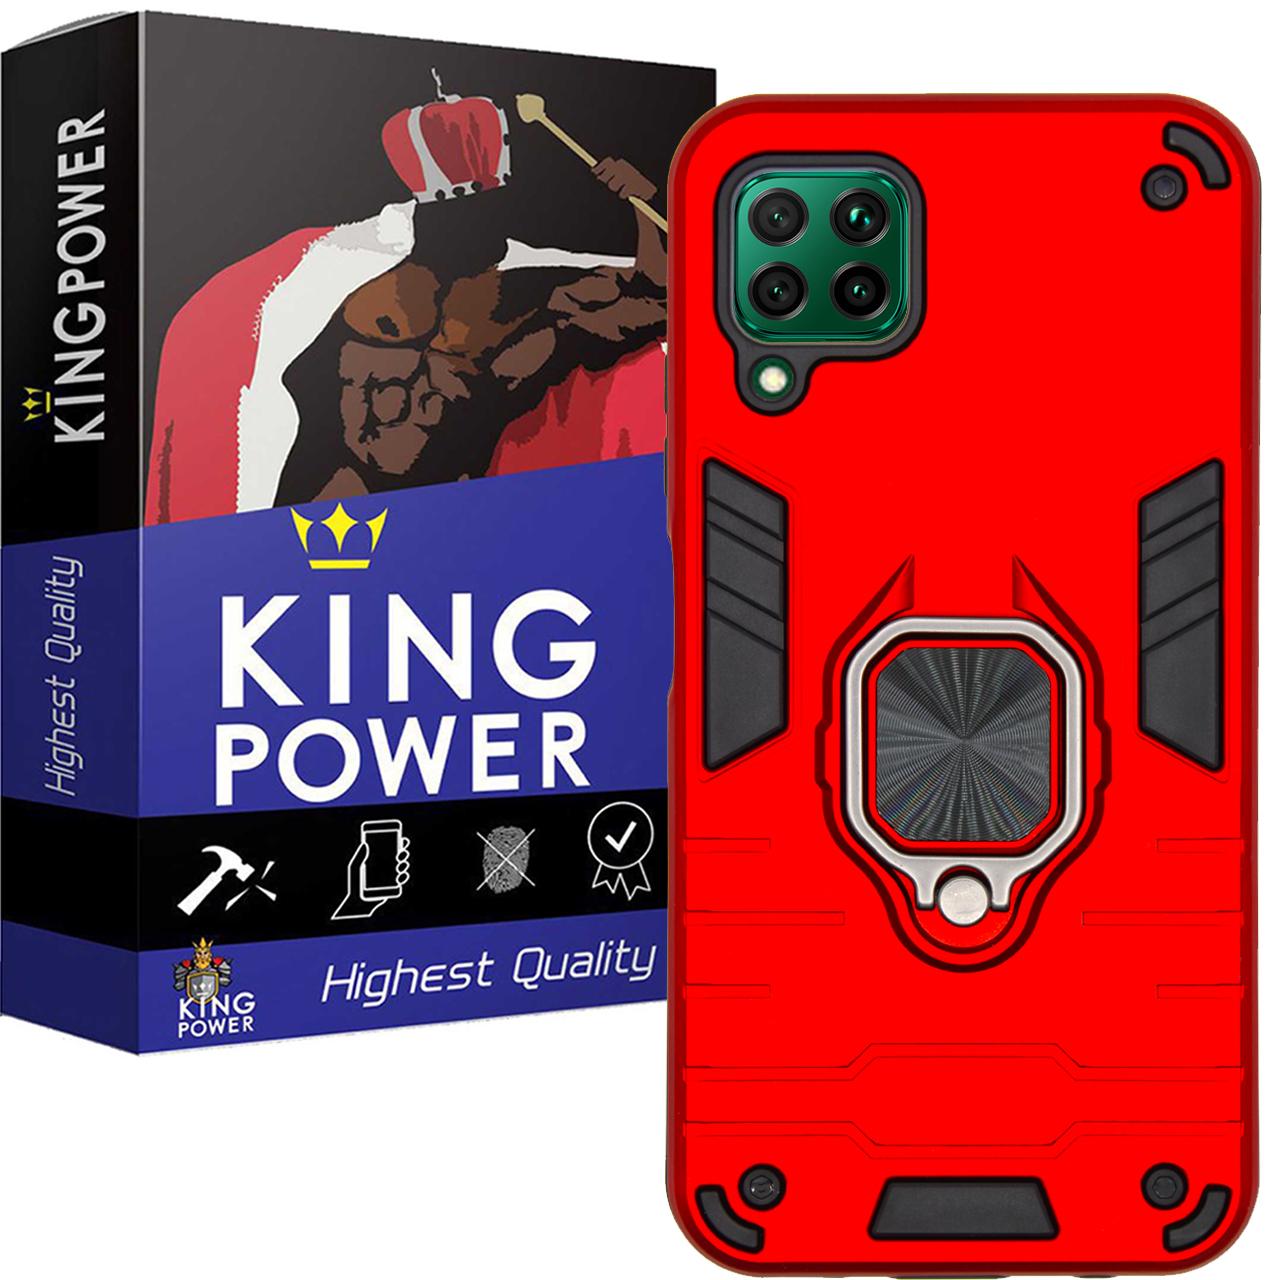 کاور کینگ پاور مدل ASH22 مناسب برای گوشی موبایل هوآوی NOVA 7i / P40 LITE  در بزرگترین فروشگاه اینترنتی جنوب کشور ویزمارکت